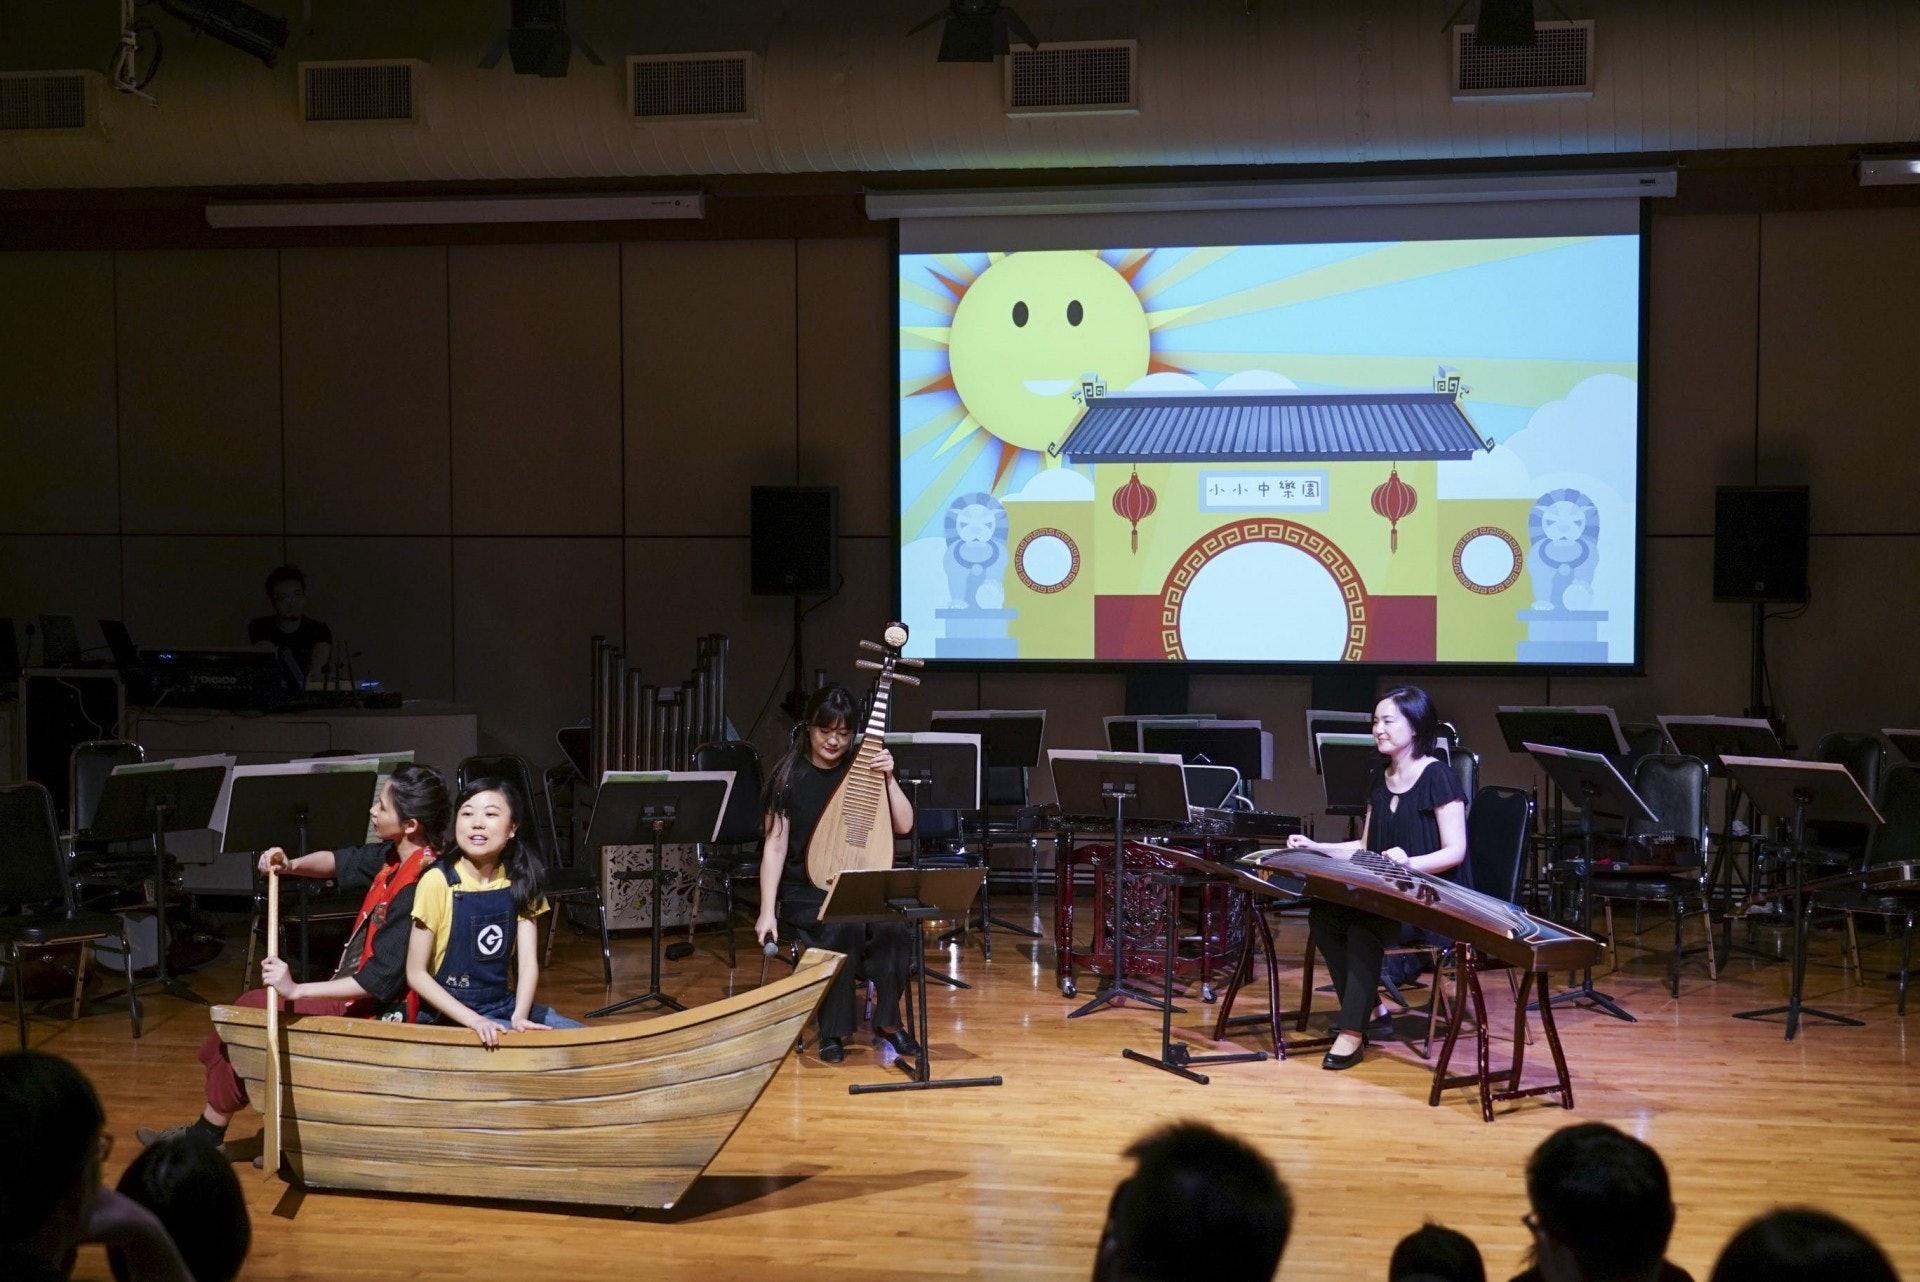 一百年後的上環文娛中心,小朋友們來聽音樂、聽故事,兩者的命運,在冥冥之中有何關聯着?(作者提供)